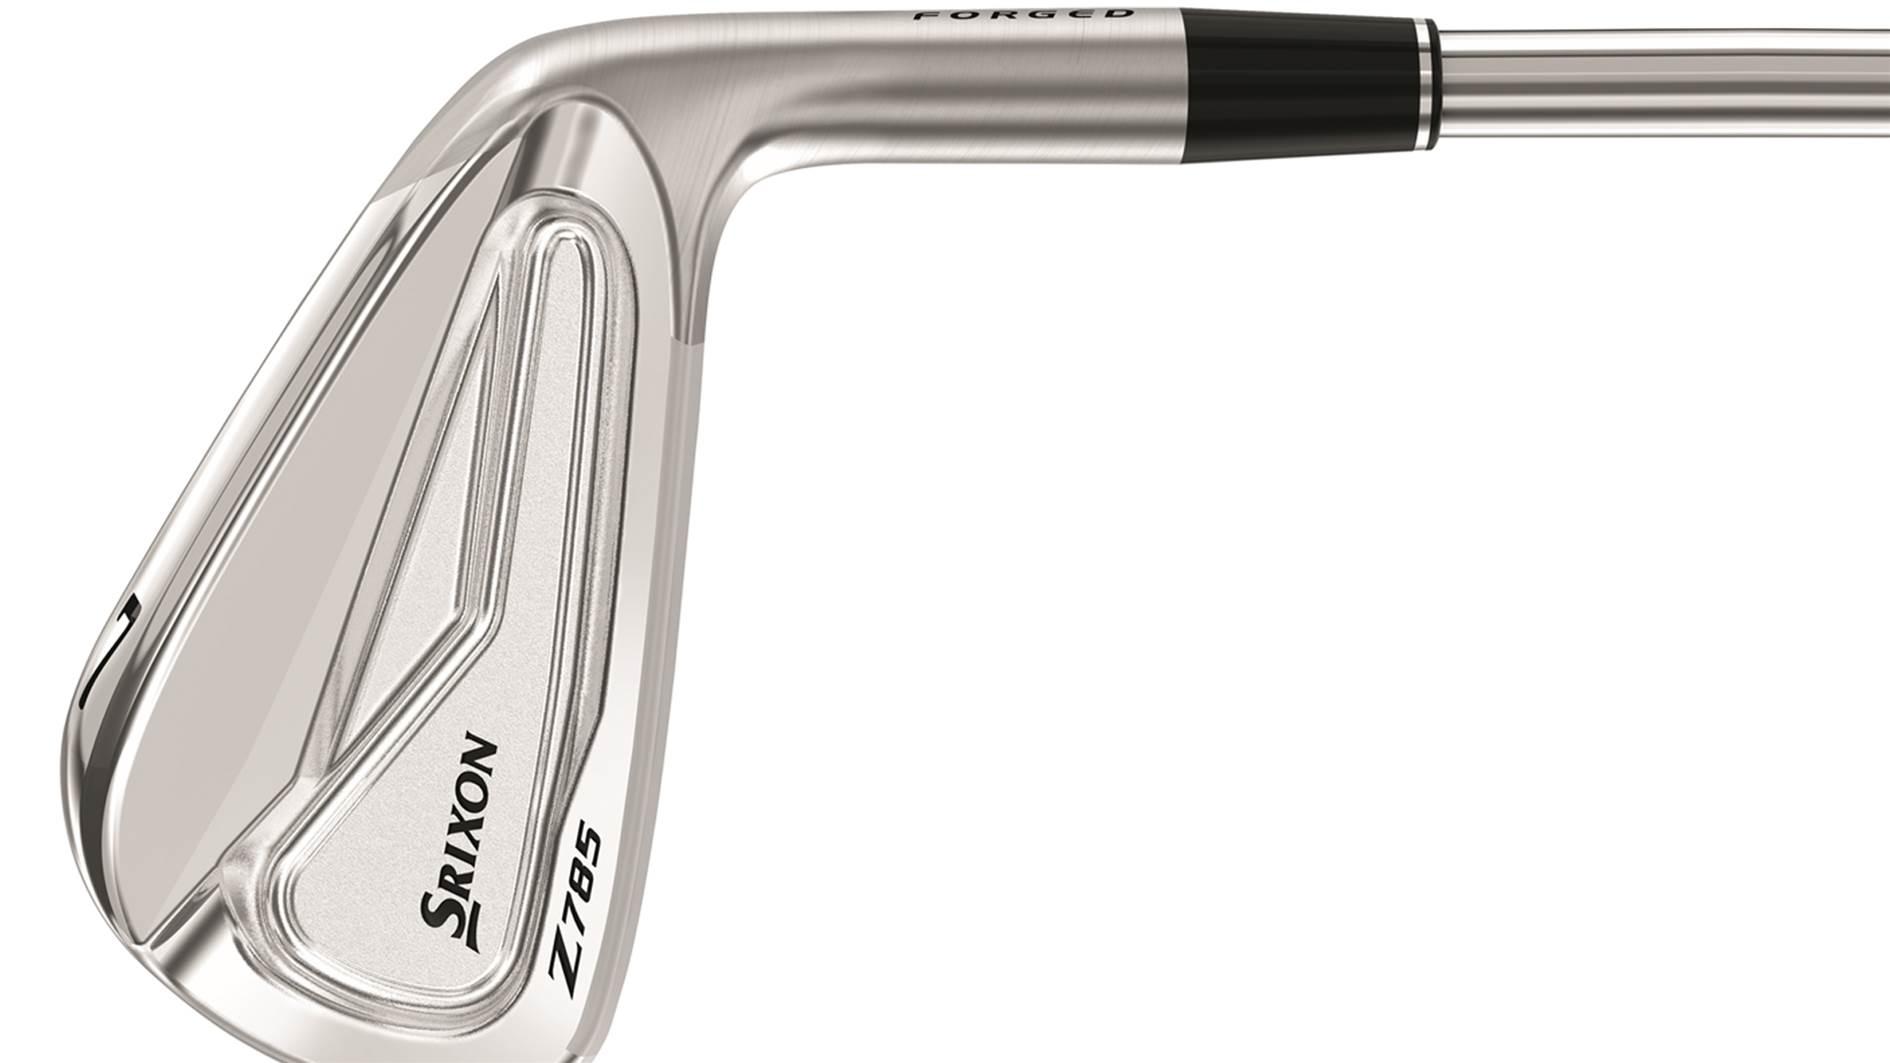 TESTED: Srixon Z 585 & Z 785 Irons